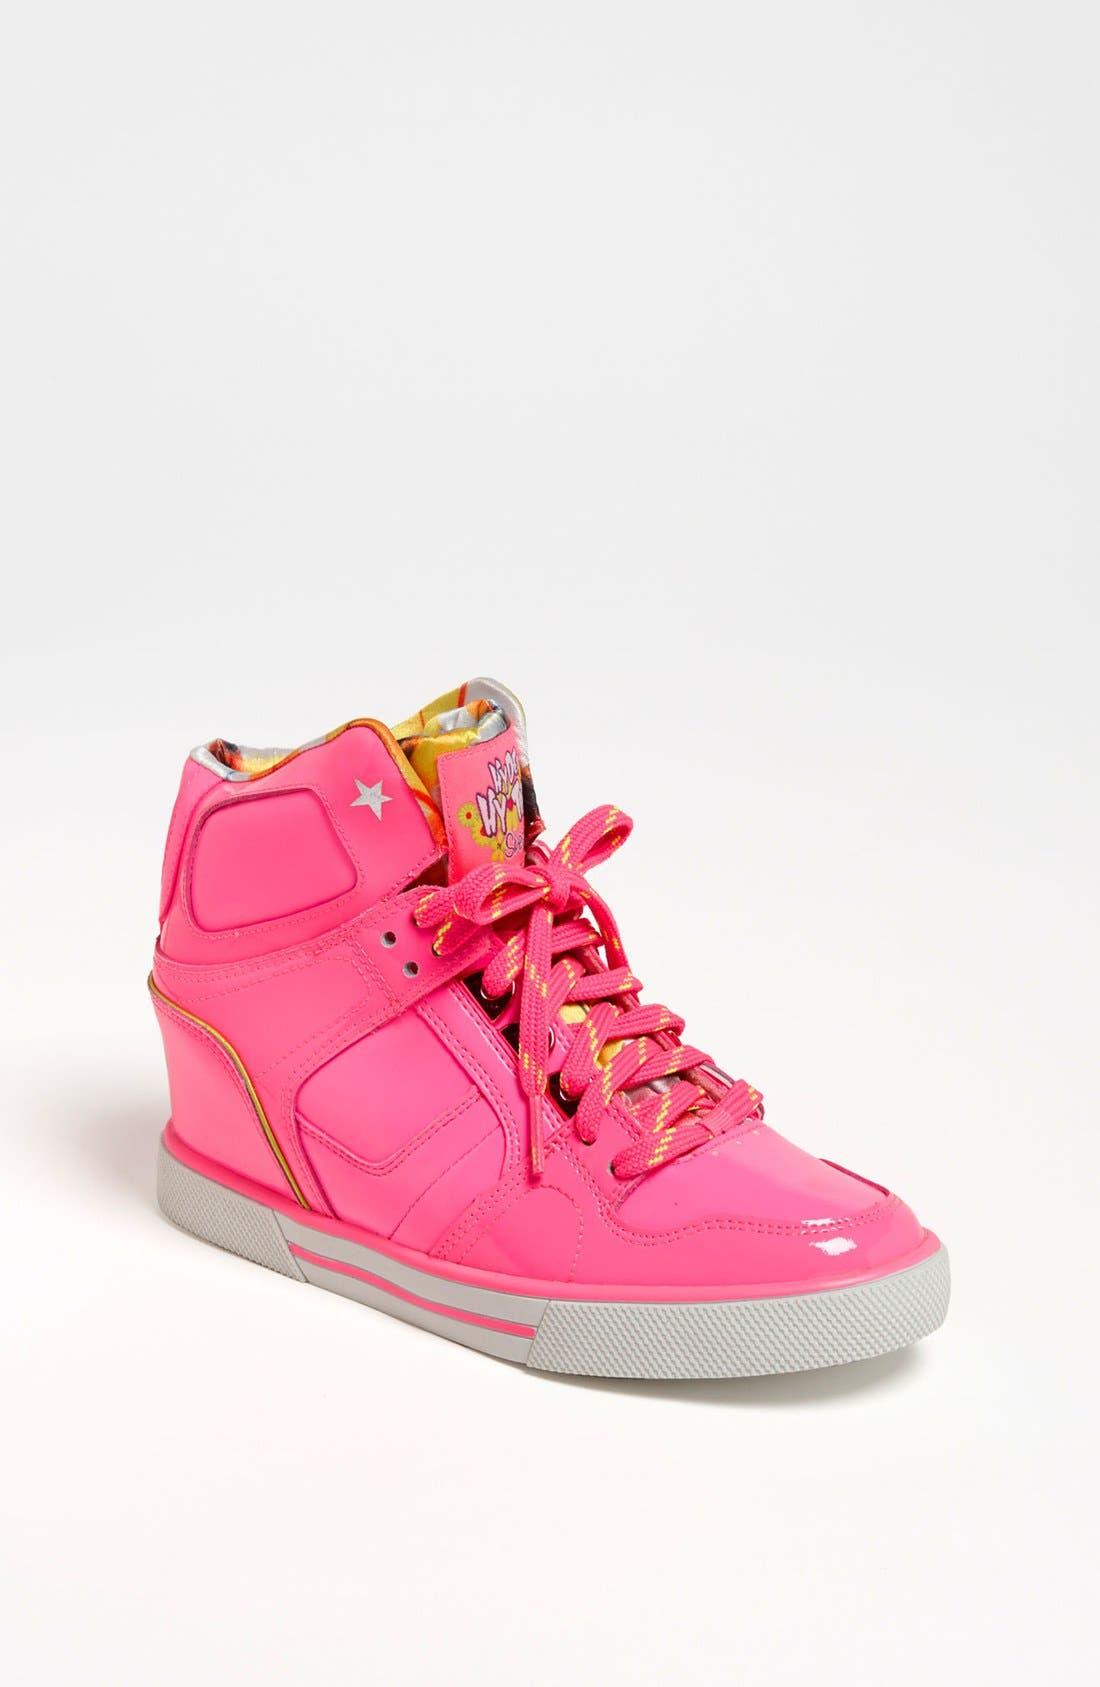 Alternate Image 1 Selected - SKECHERS 'Hydee Hytop Cha-Ching' Sneaker (Toddler, Little Kid & Big Kid)